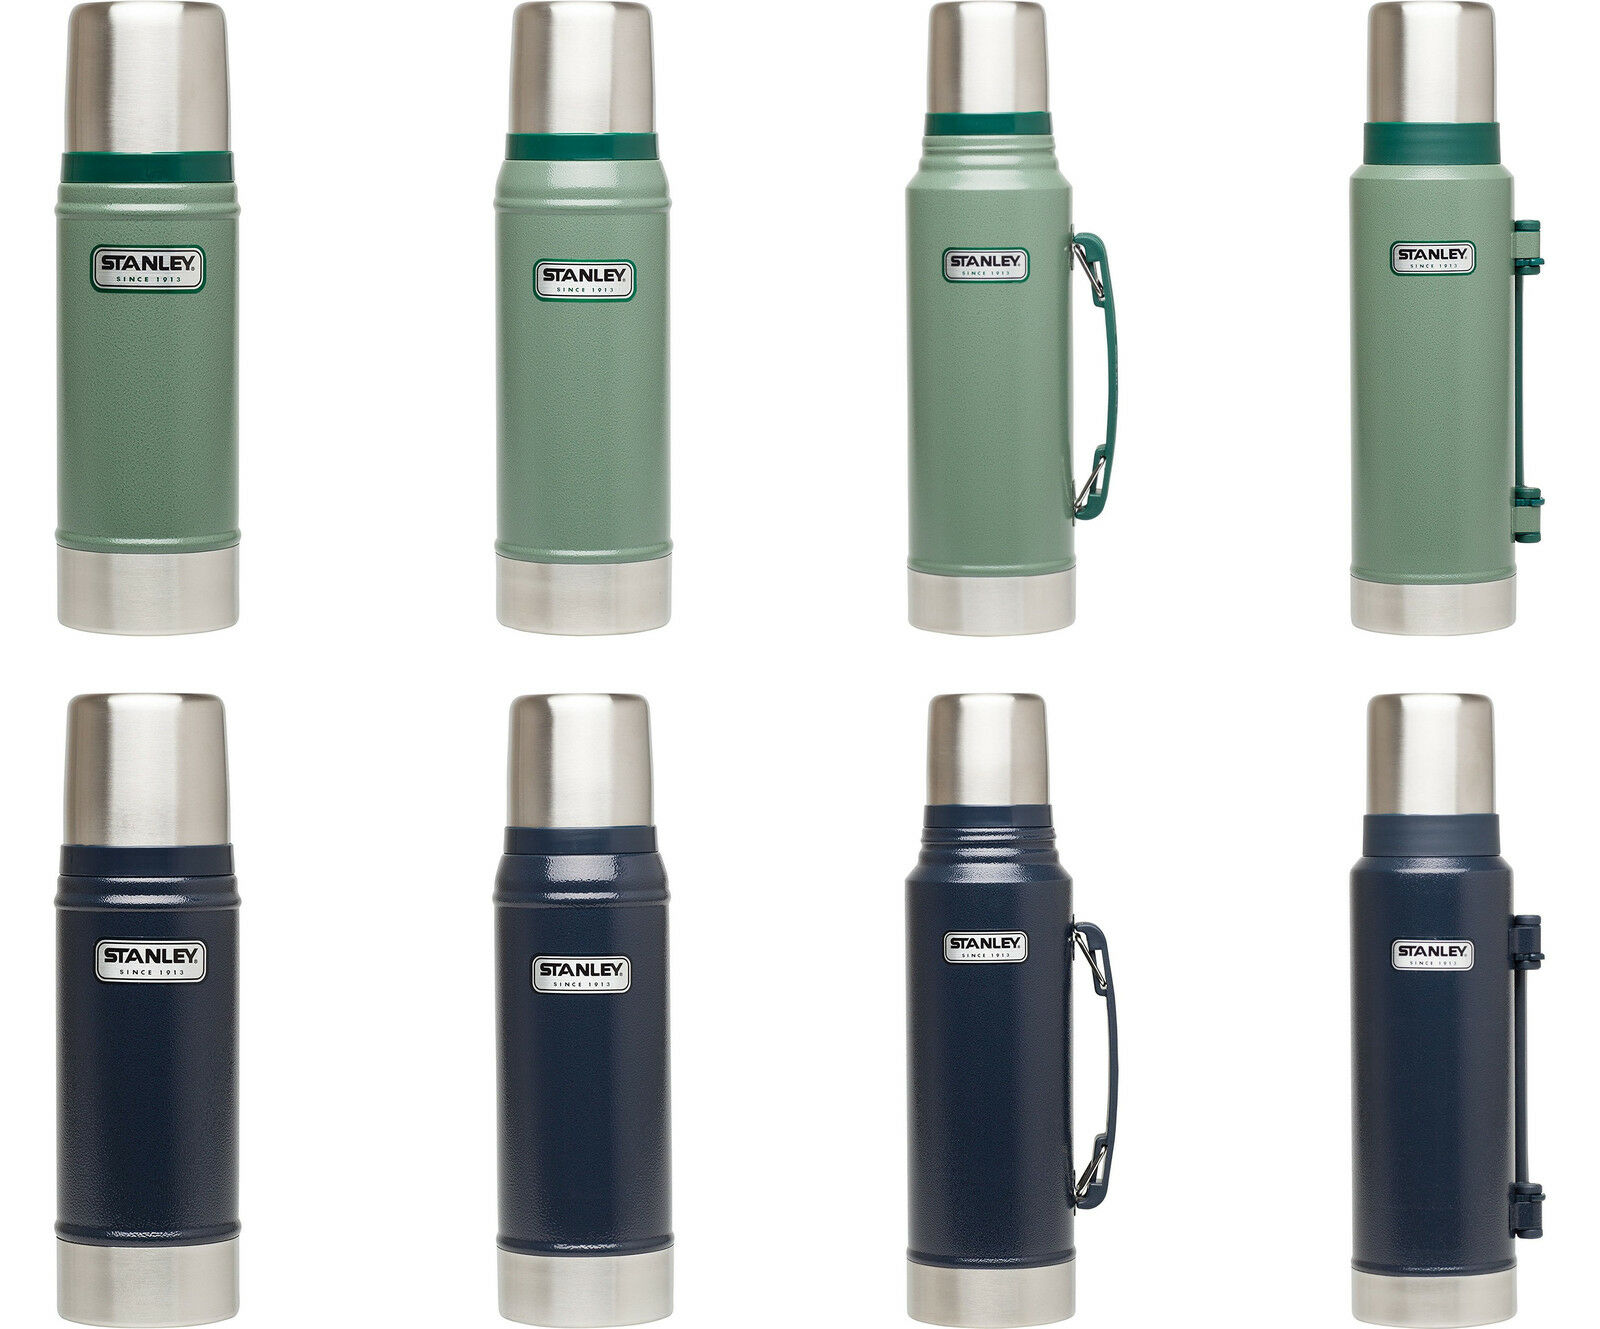 Stanley Classic Vacuum Bottle, 5 Sizes, 2 colors